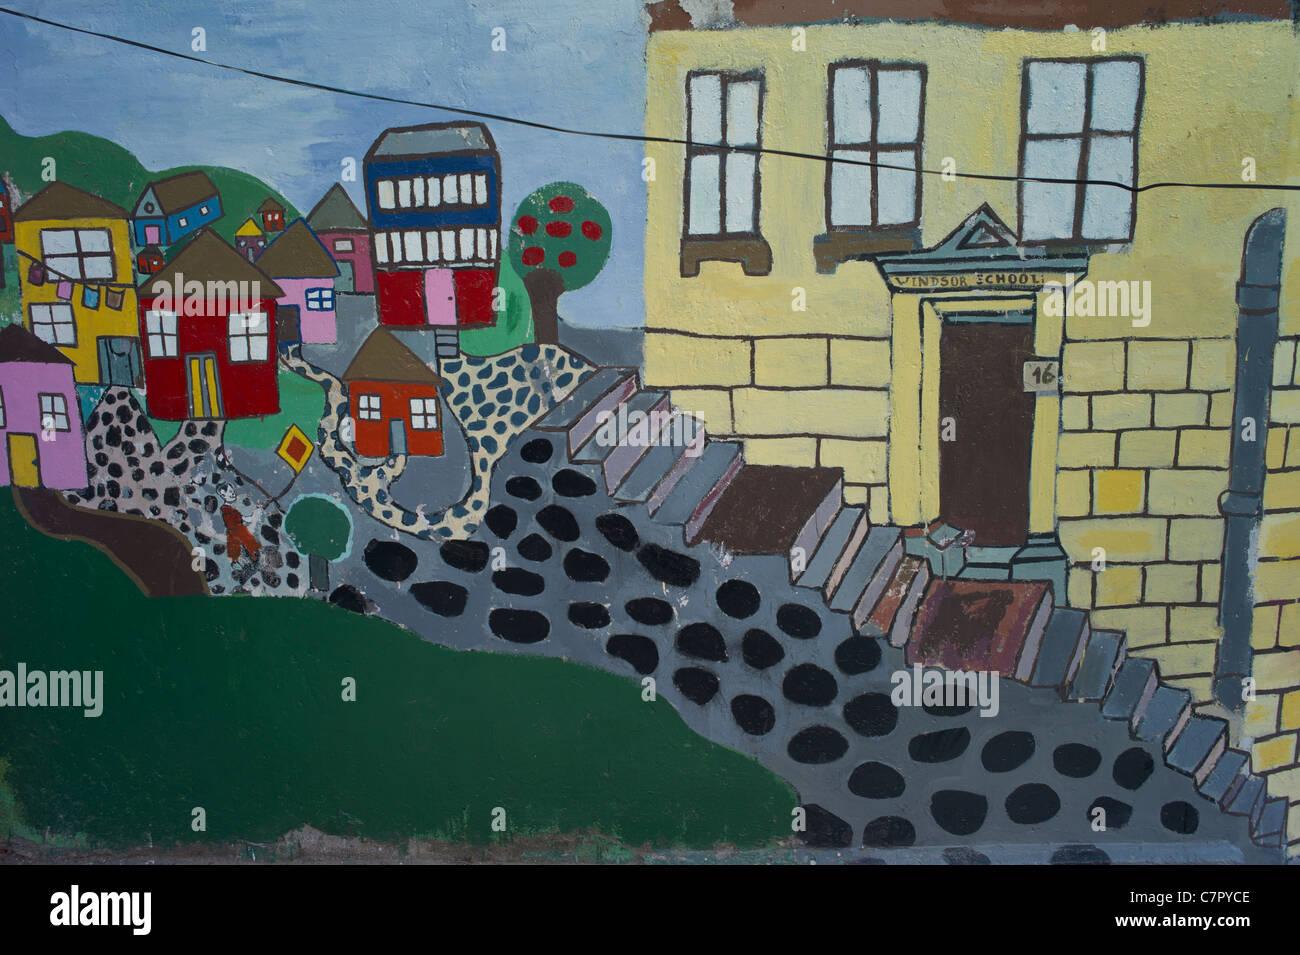 Wall painting of neighborhood, Valparaiso, Chile, South America - Stock Image